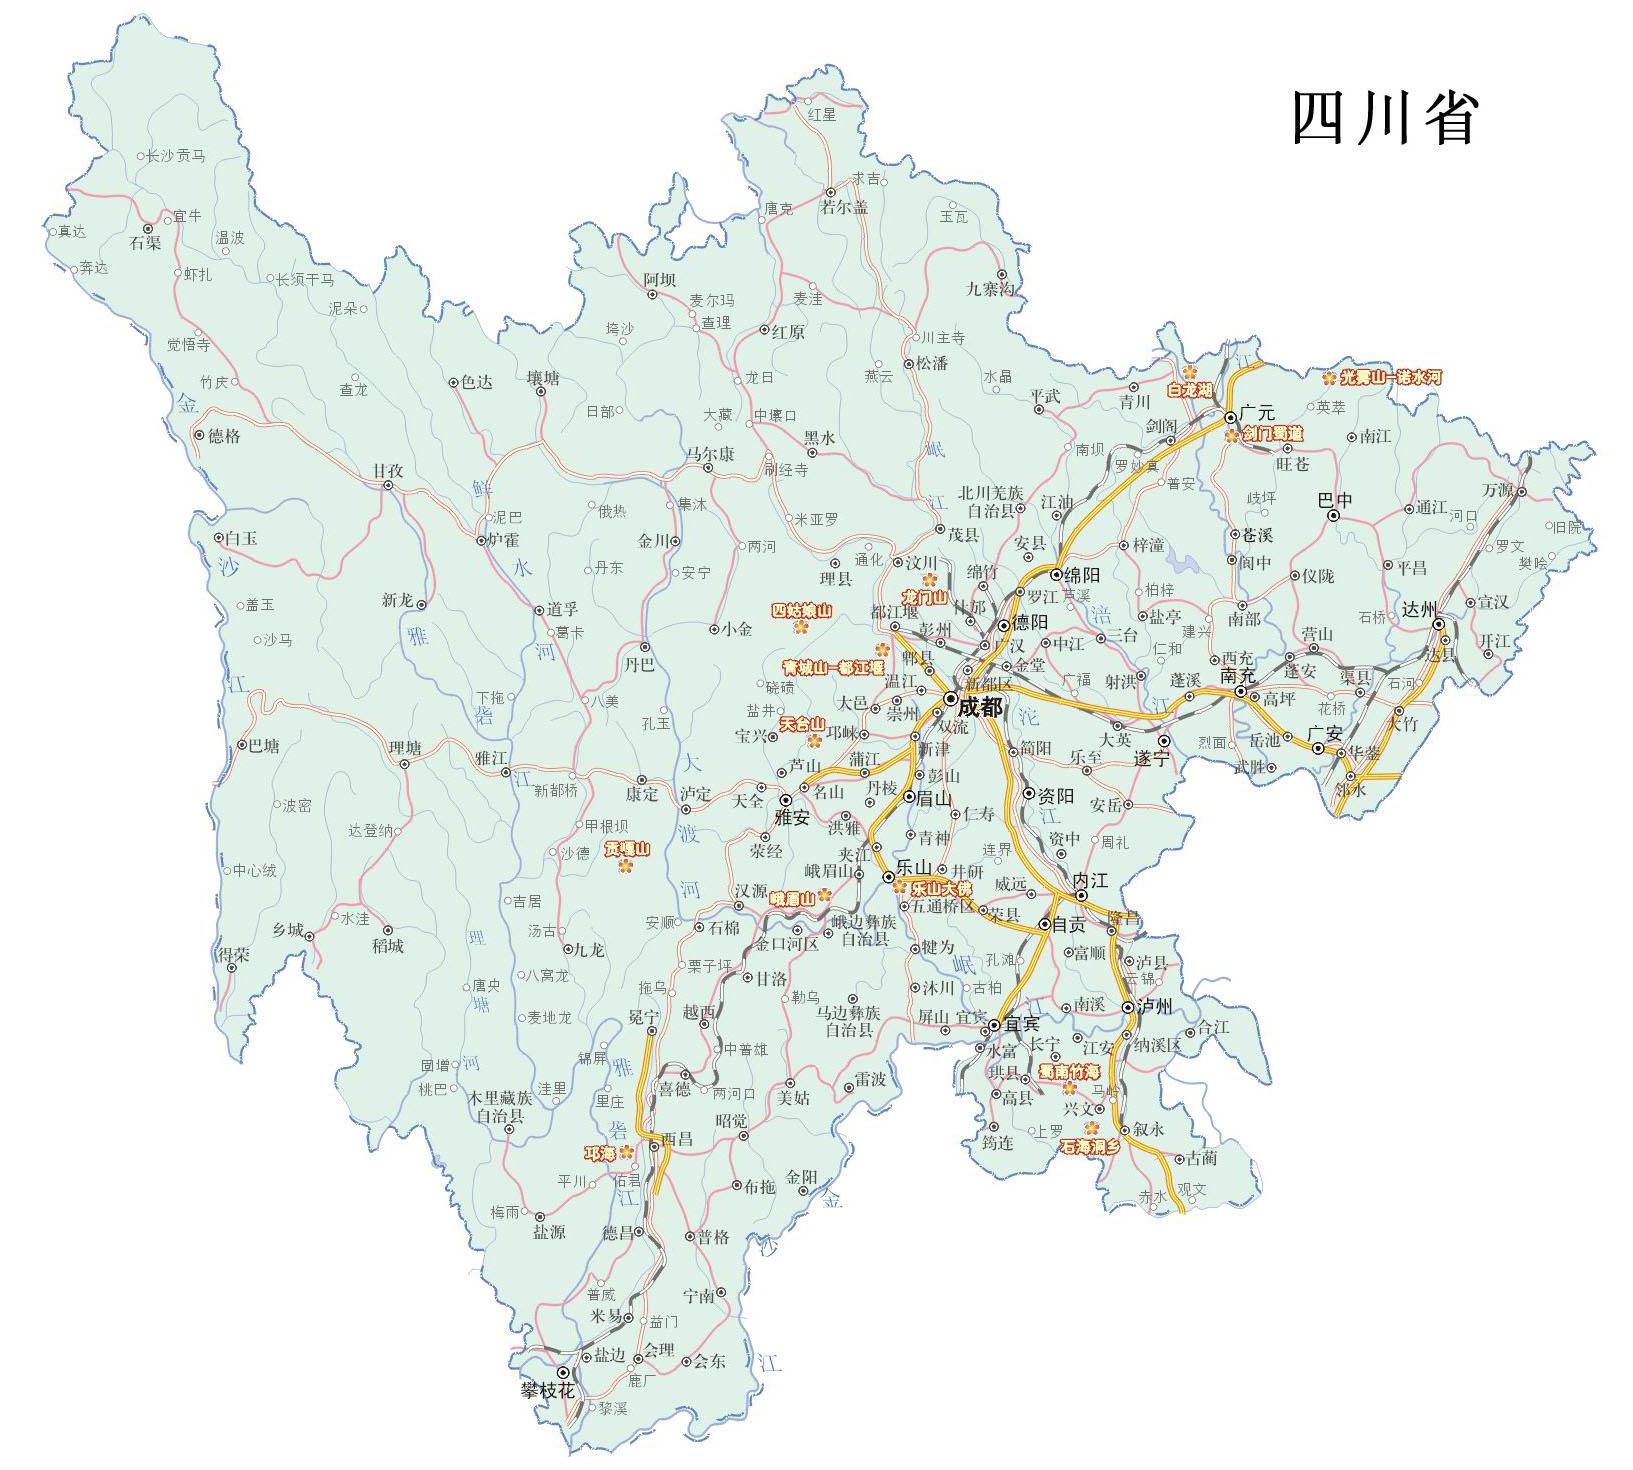 栖霞艾山风景区地图